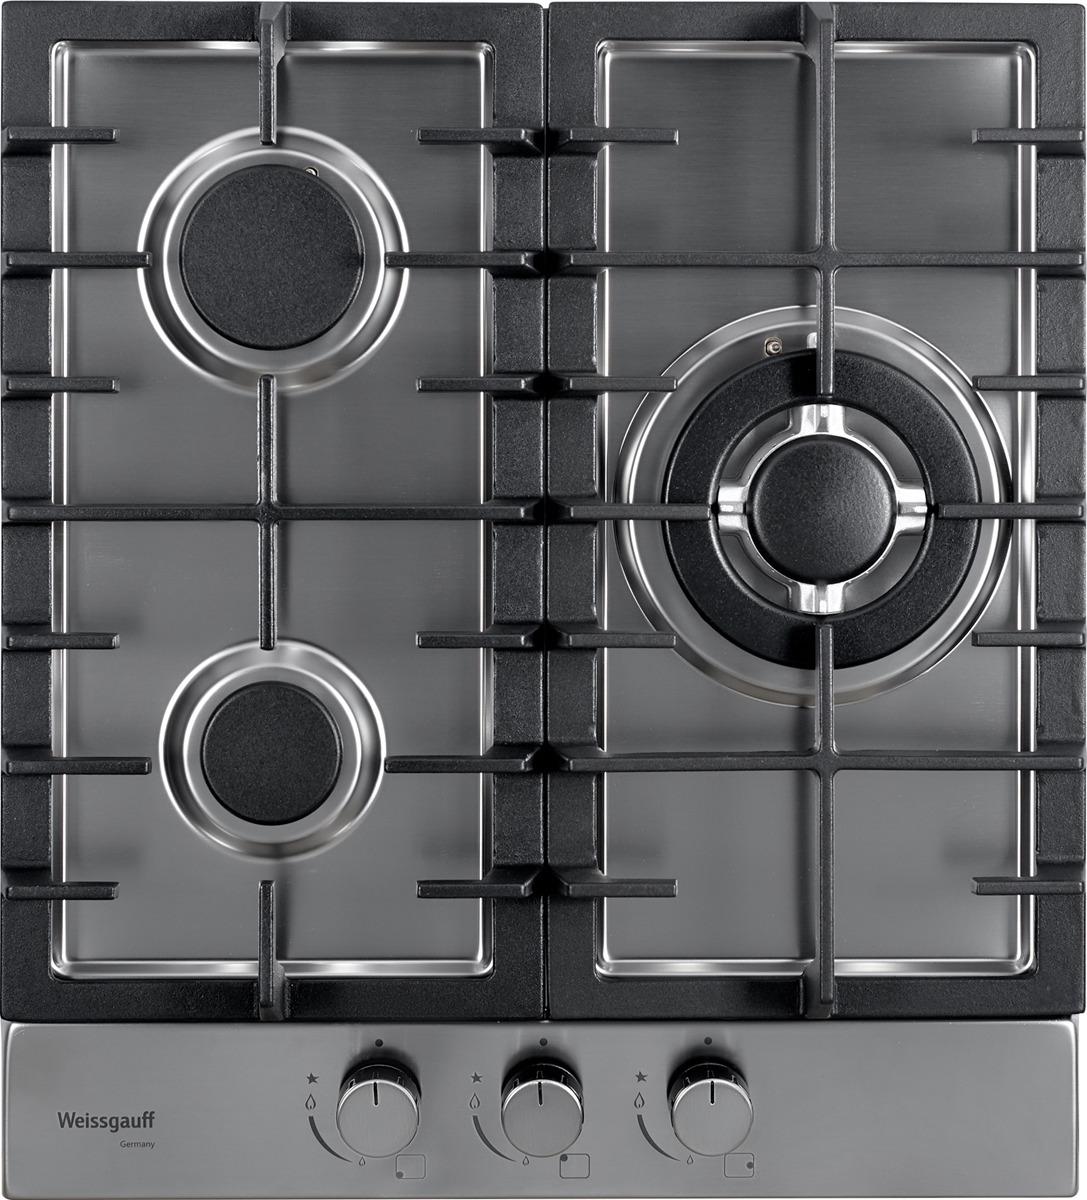 Варочная панель Weissgauff HGG 451 ХFh, светло-серый цена